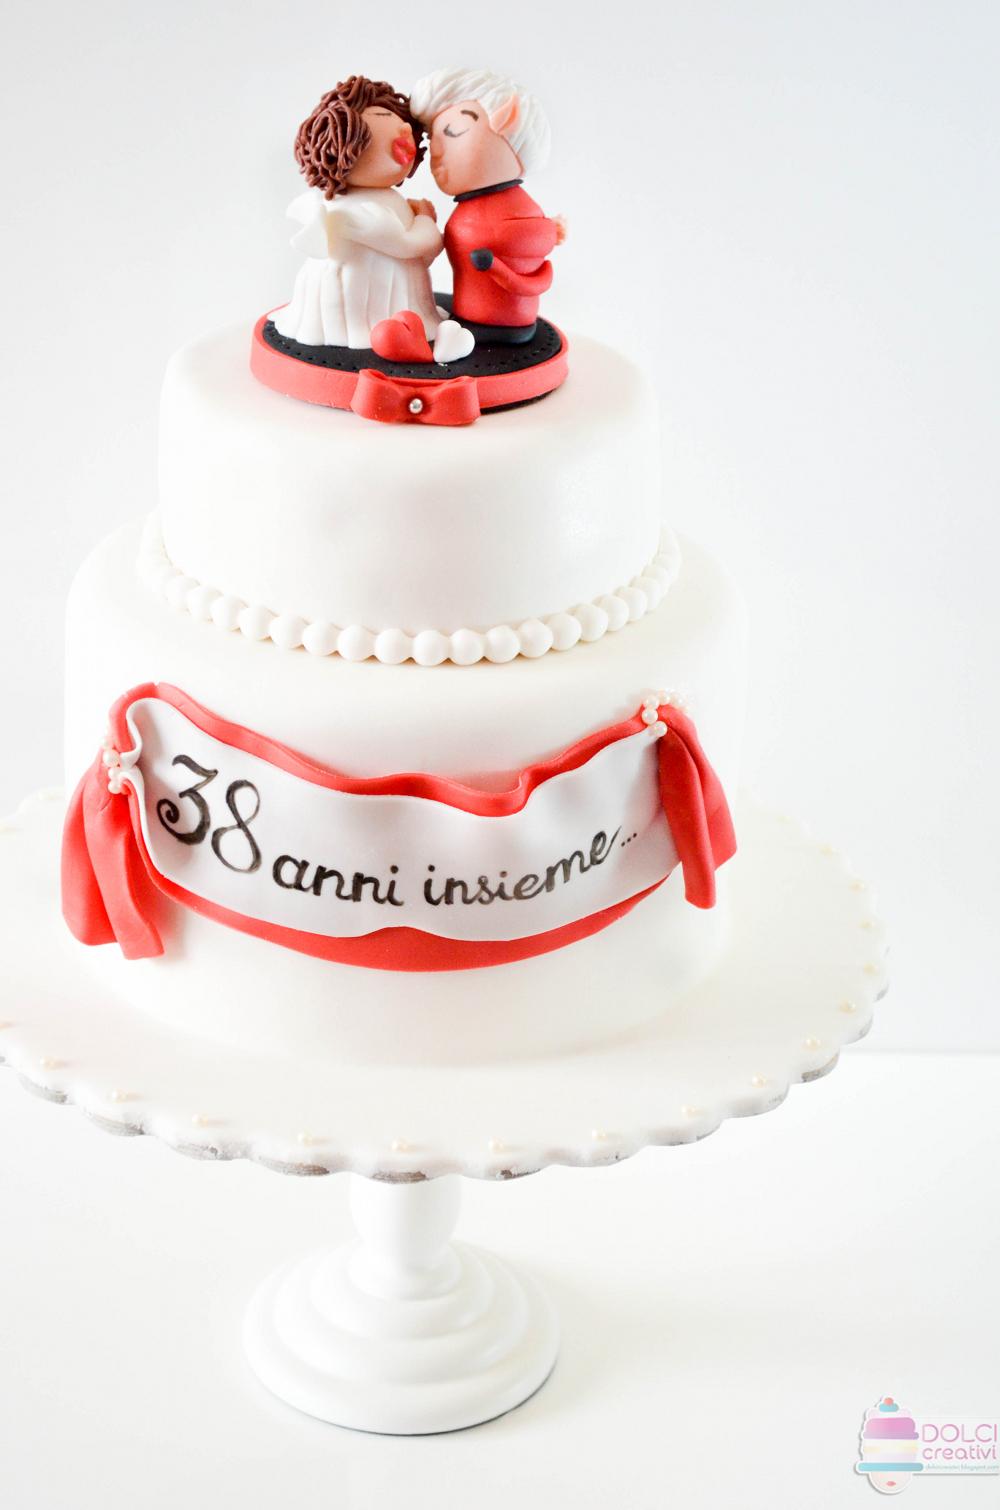 Anniversario Di Matrimonio 38 Anni.Torta Anniversario Di Matrimonio 38 Anni Insieme